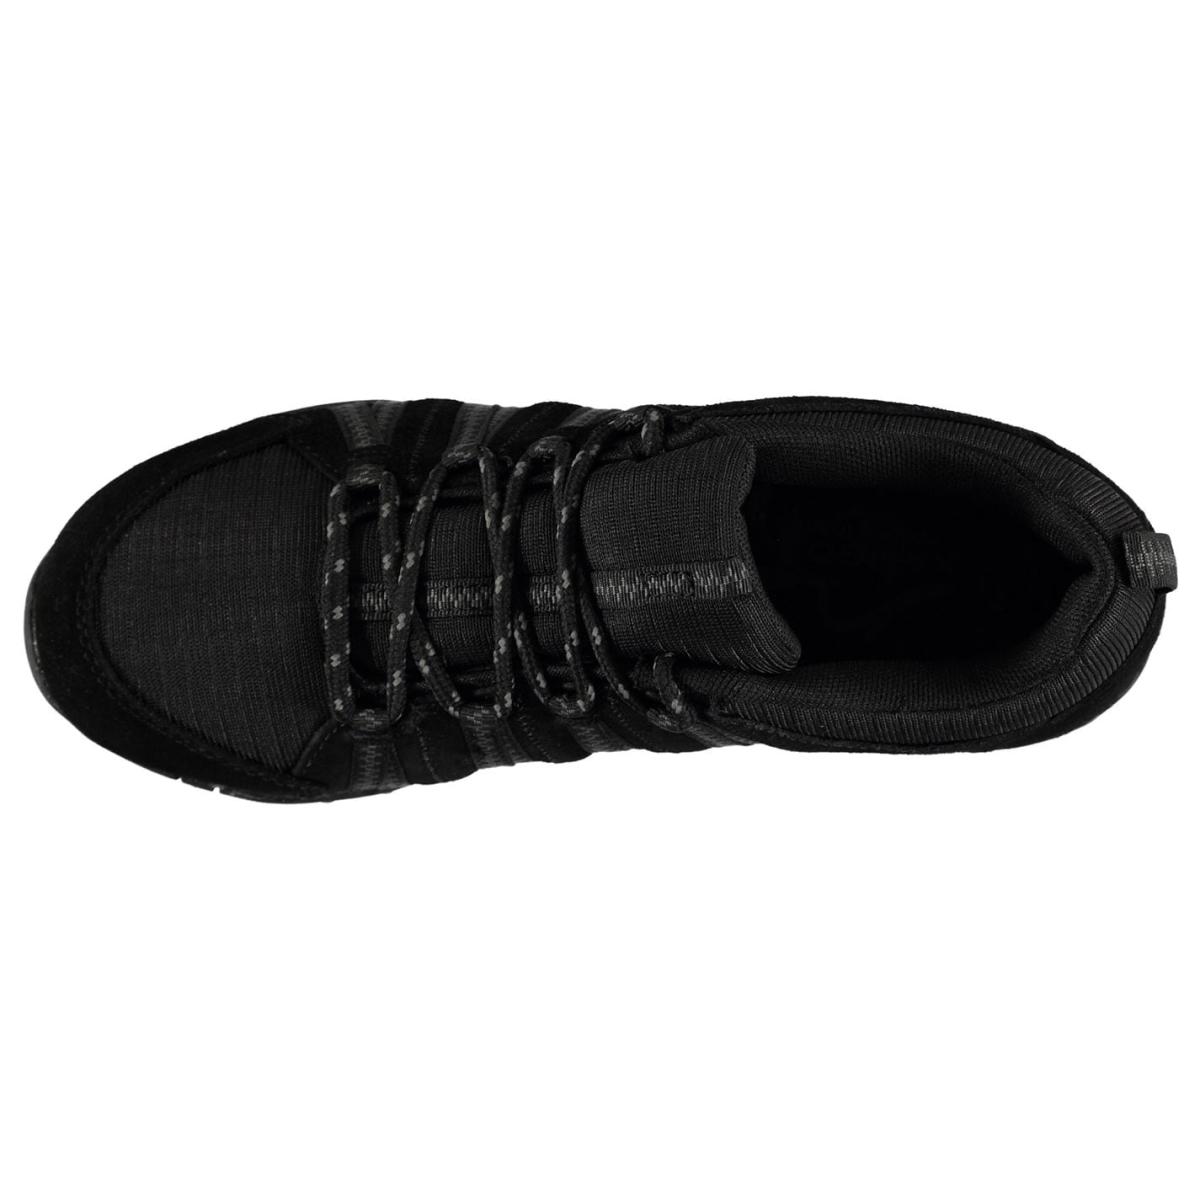 Kangol-Lynn-Lace-Turnschuhe-Damen-Sneaker-Sportschuhe-Laufschuhe-4877 Indexbild 4